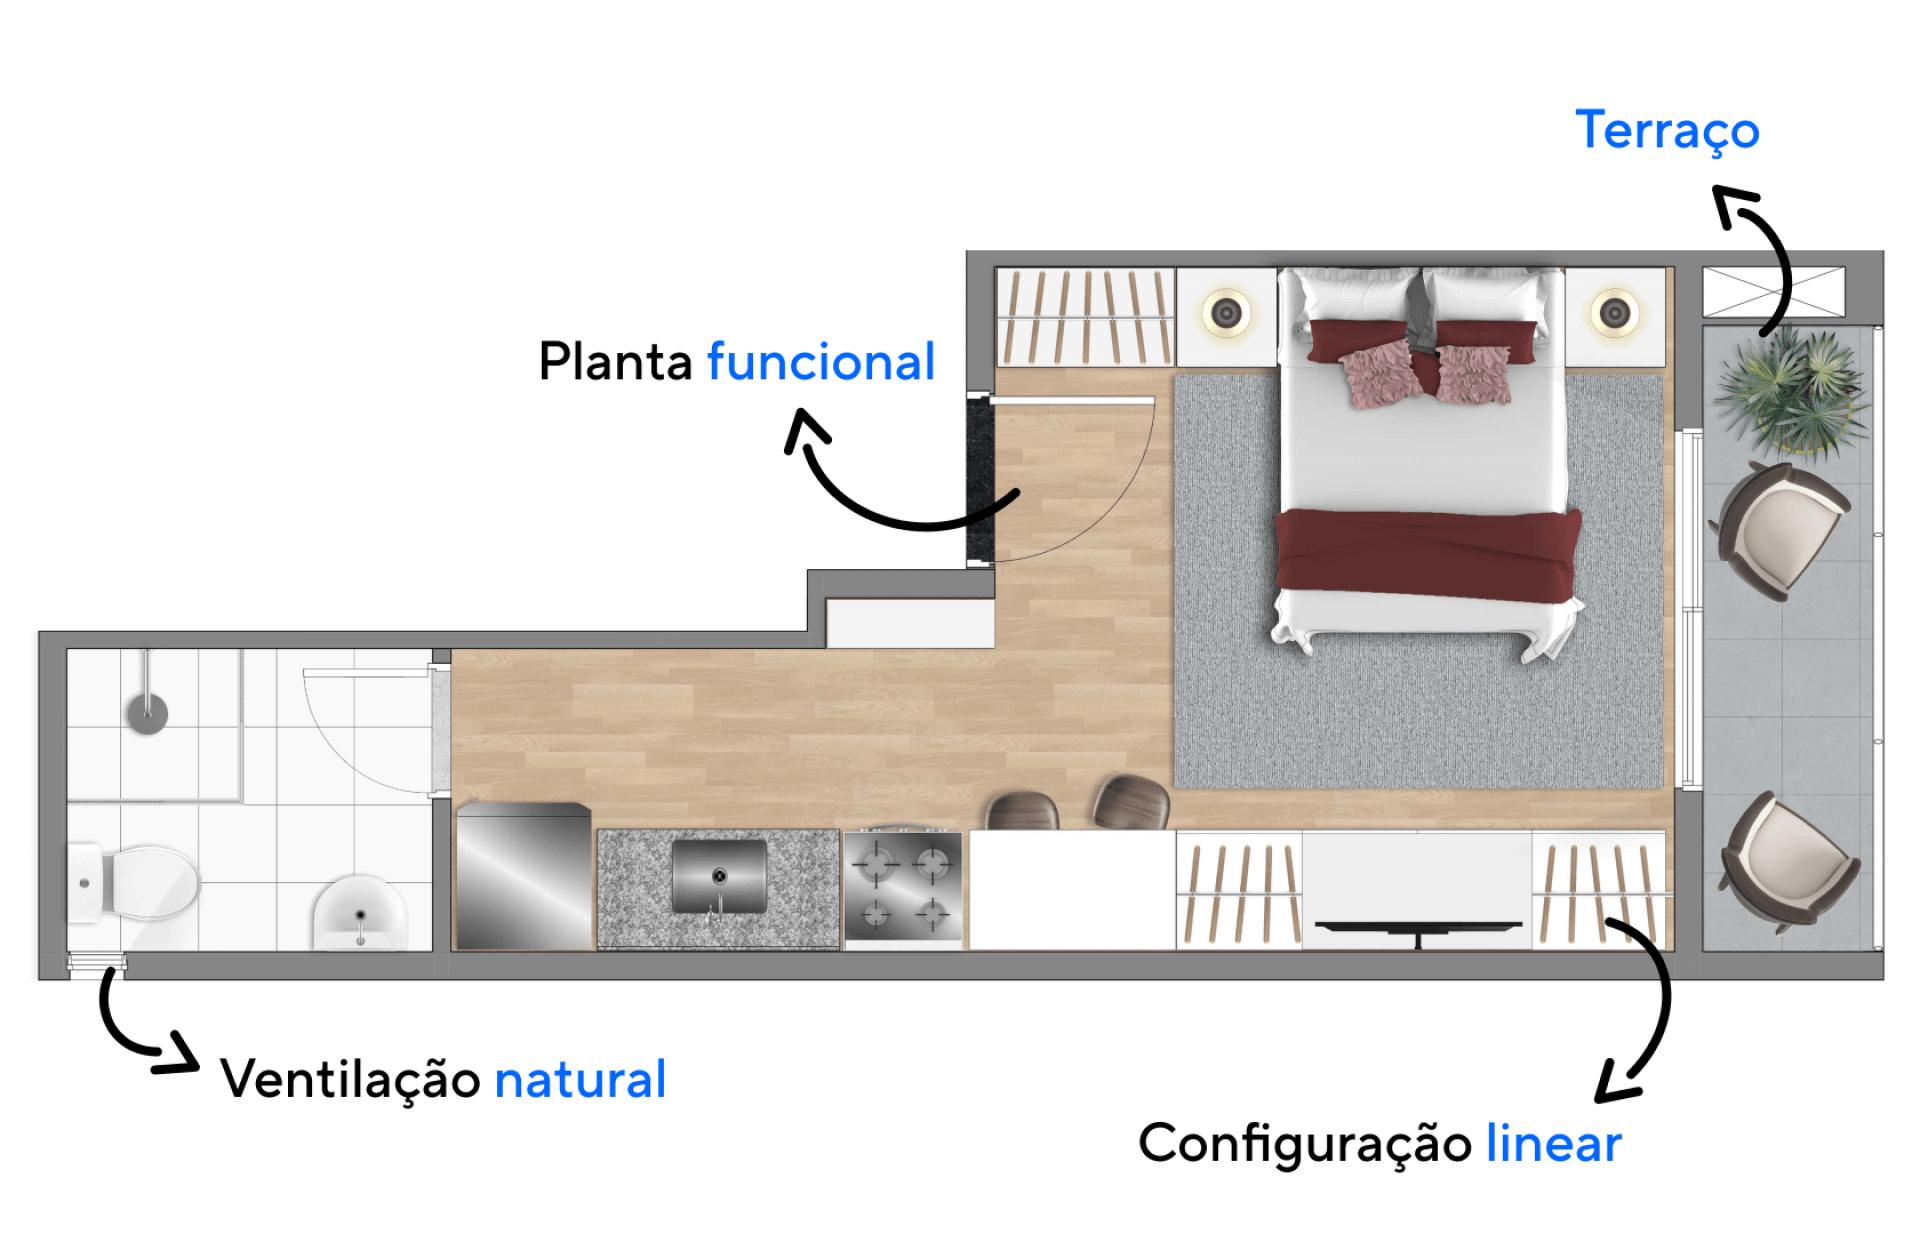 23 M² - STUDIO com planta funcional, nessa configuração a área interna do apartamento foi bem setorizada com base em suas funções, assim mesmo com um espaço integrado, você tem privacidade em cada momento.